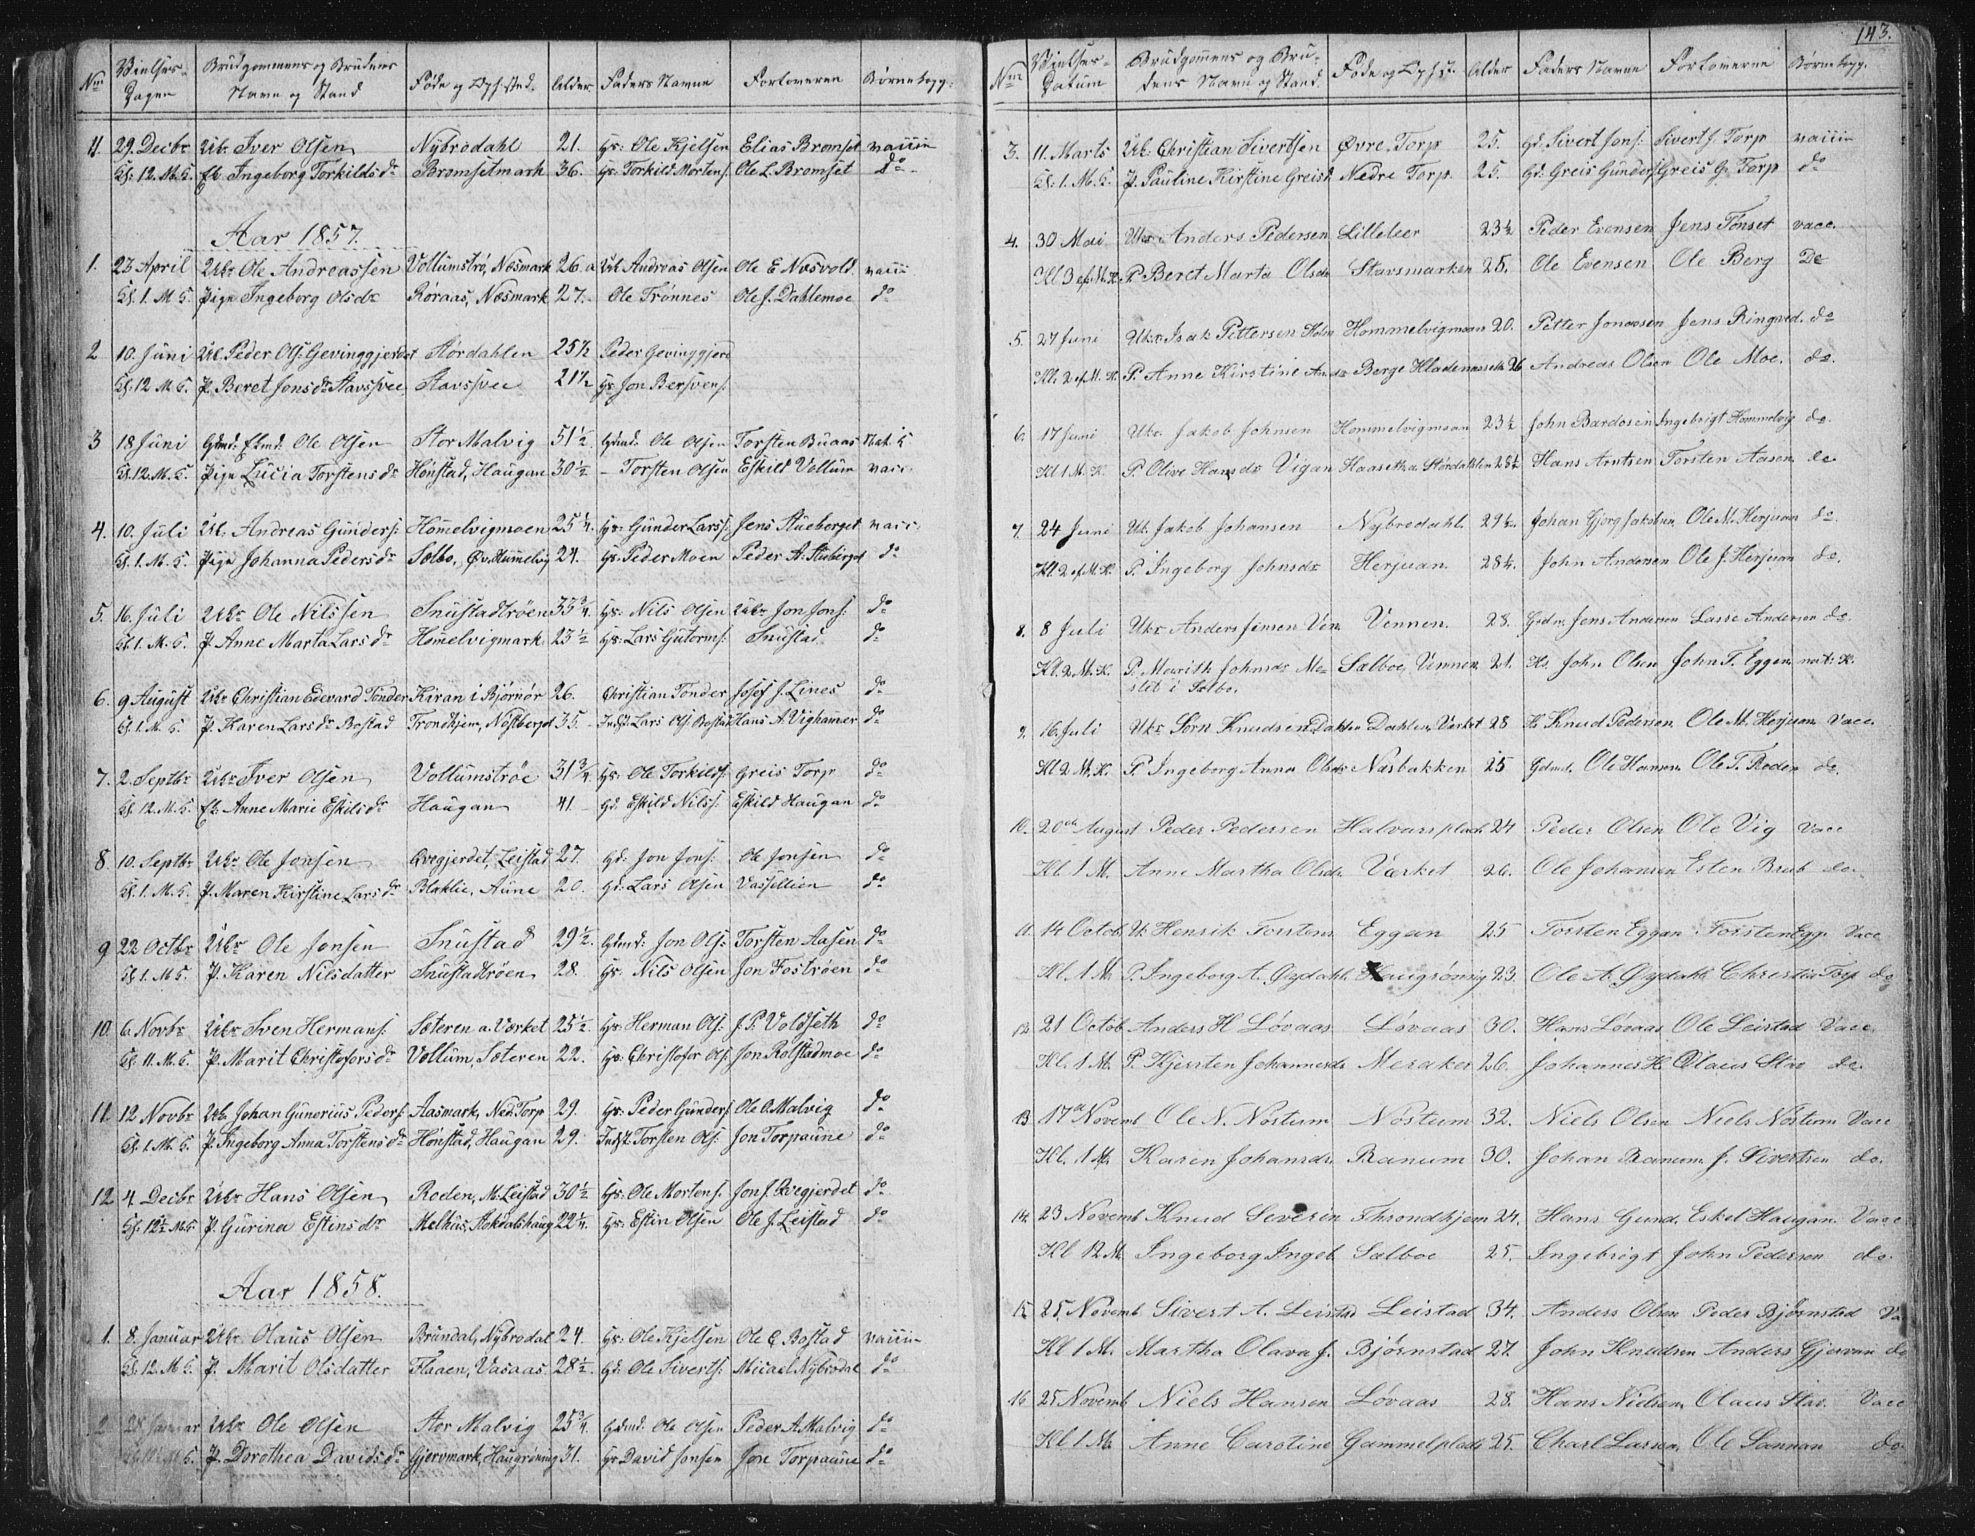 SAT, Ministerialprotokoller, klokkerbøker og fødselsregistre - Sør-Trøndelag, 616/L0406: Ministerialbok nr. 616A03, 1843-1879, s. 143